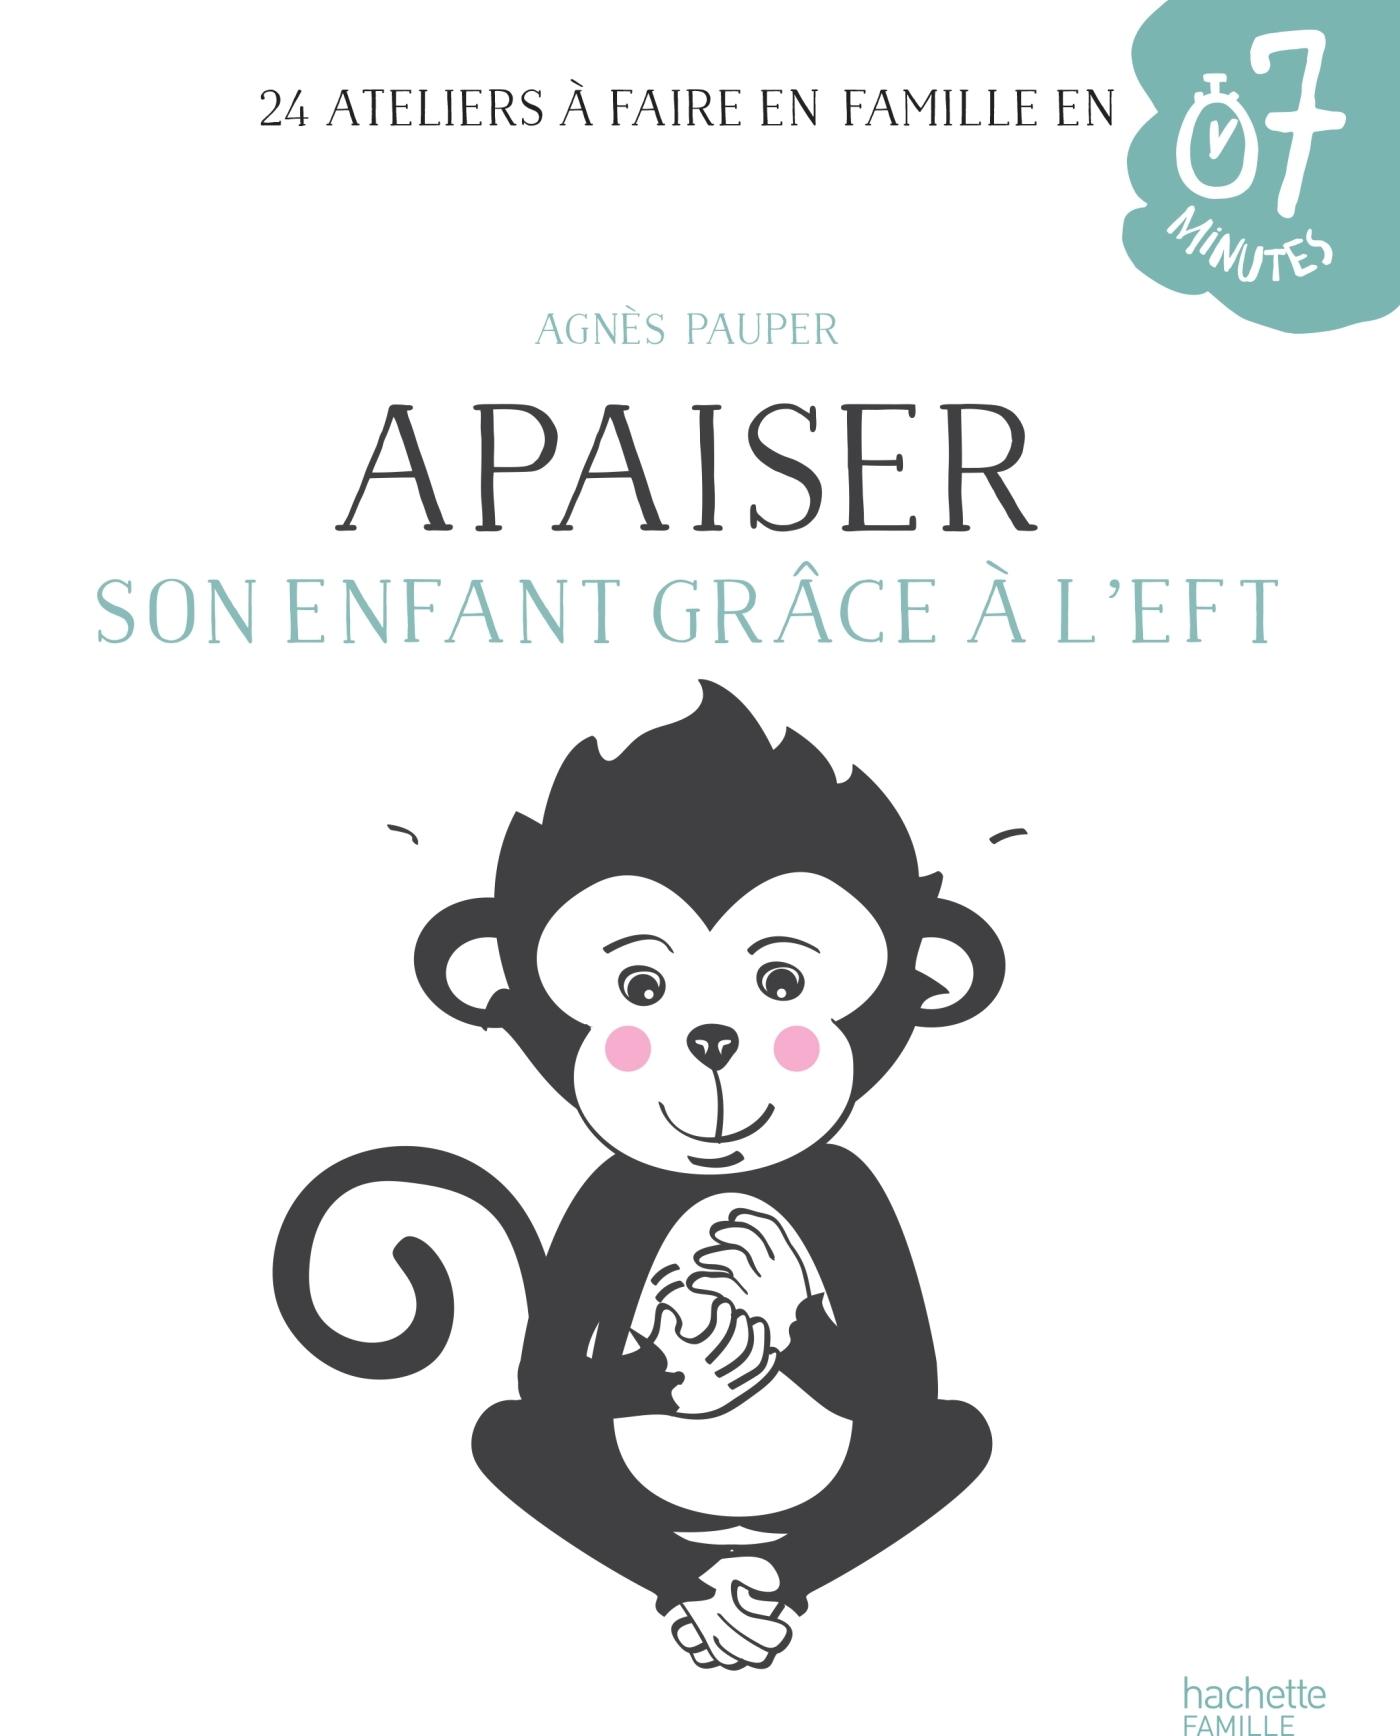 APAISER SON ENFANT GRACE A L'EFT